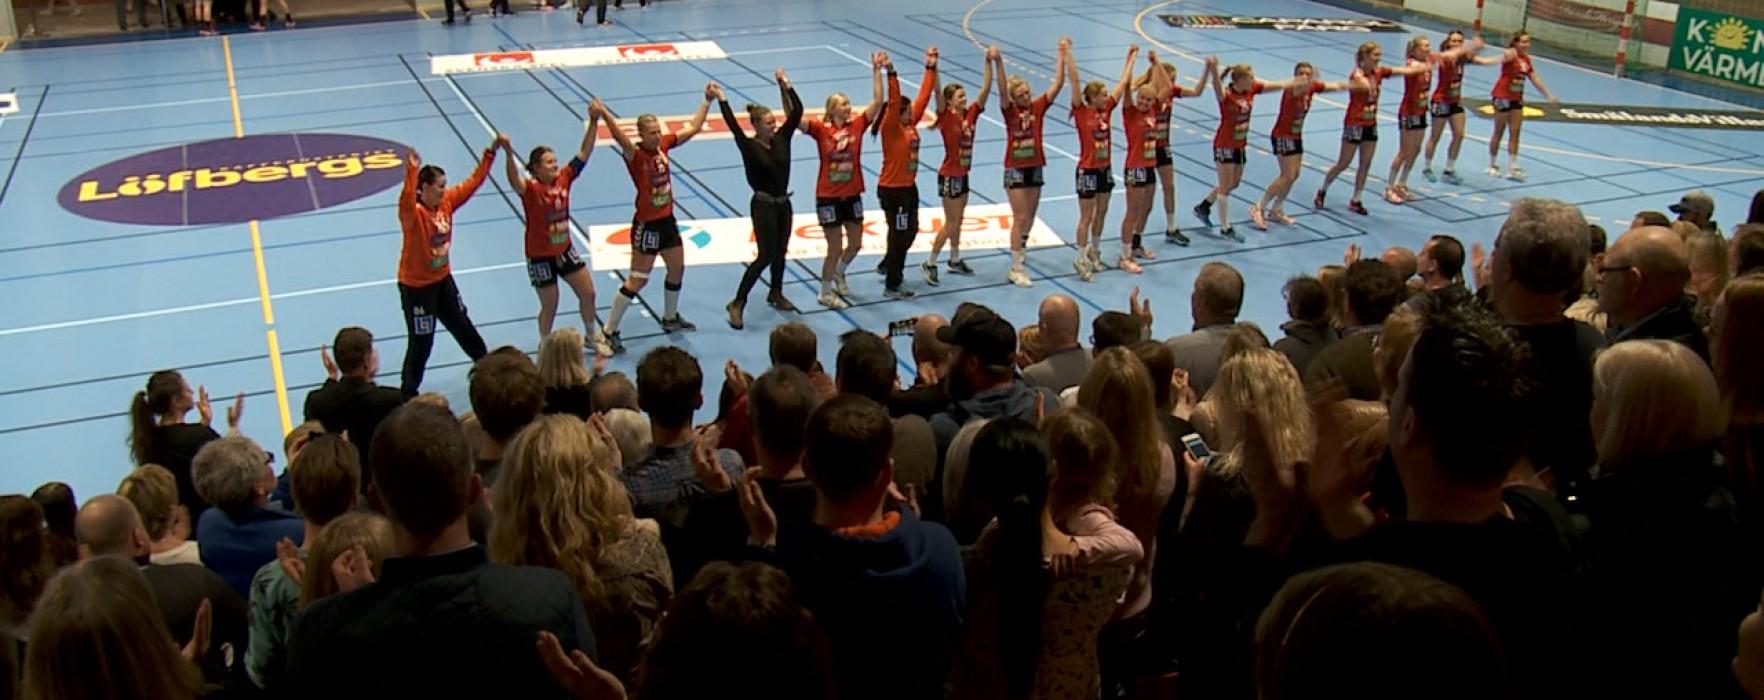 Glimt Sport – Hellton klara för ny elitseriesäsong